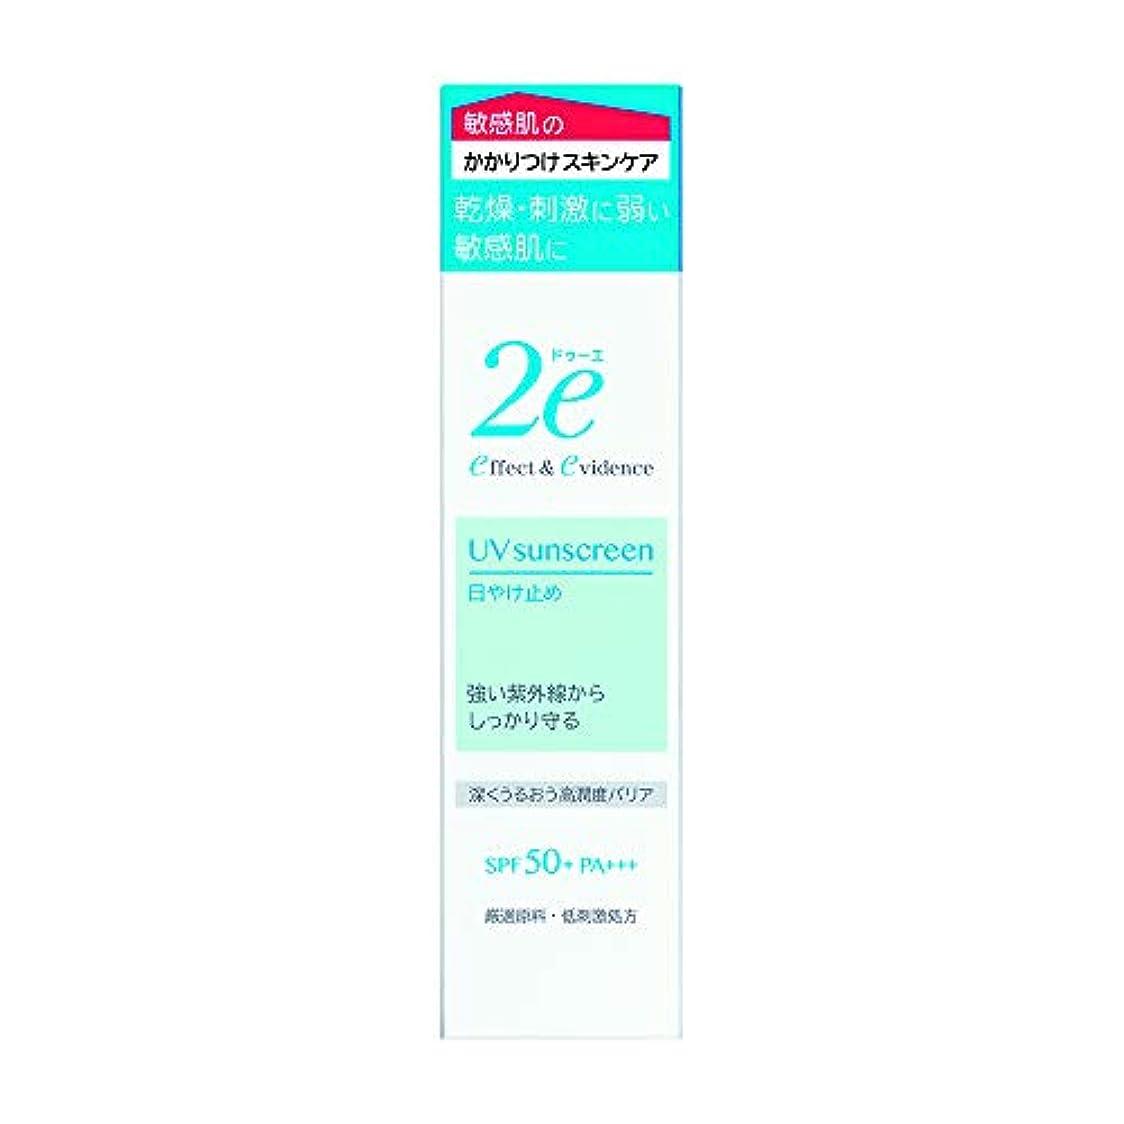 ペグメッセージ化合物2e(ドゥーエ) 日やけ止め 敏感肌用 低刺激処方 深くうるおう高潤度バリア 40g SPF50+ PA+++ 日焼け止め